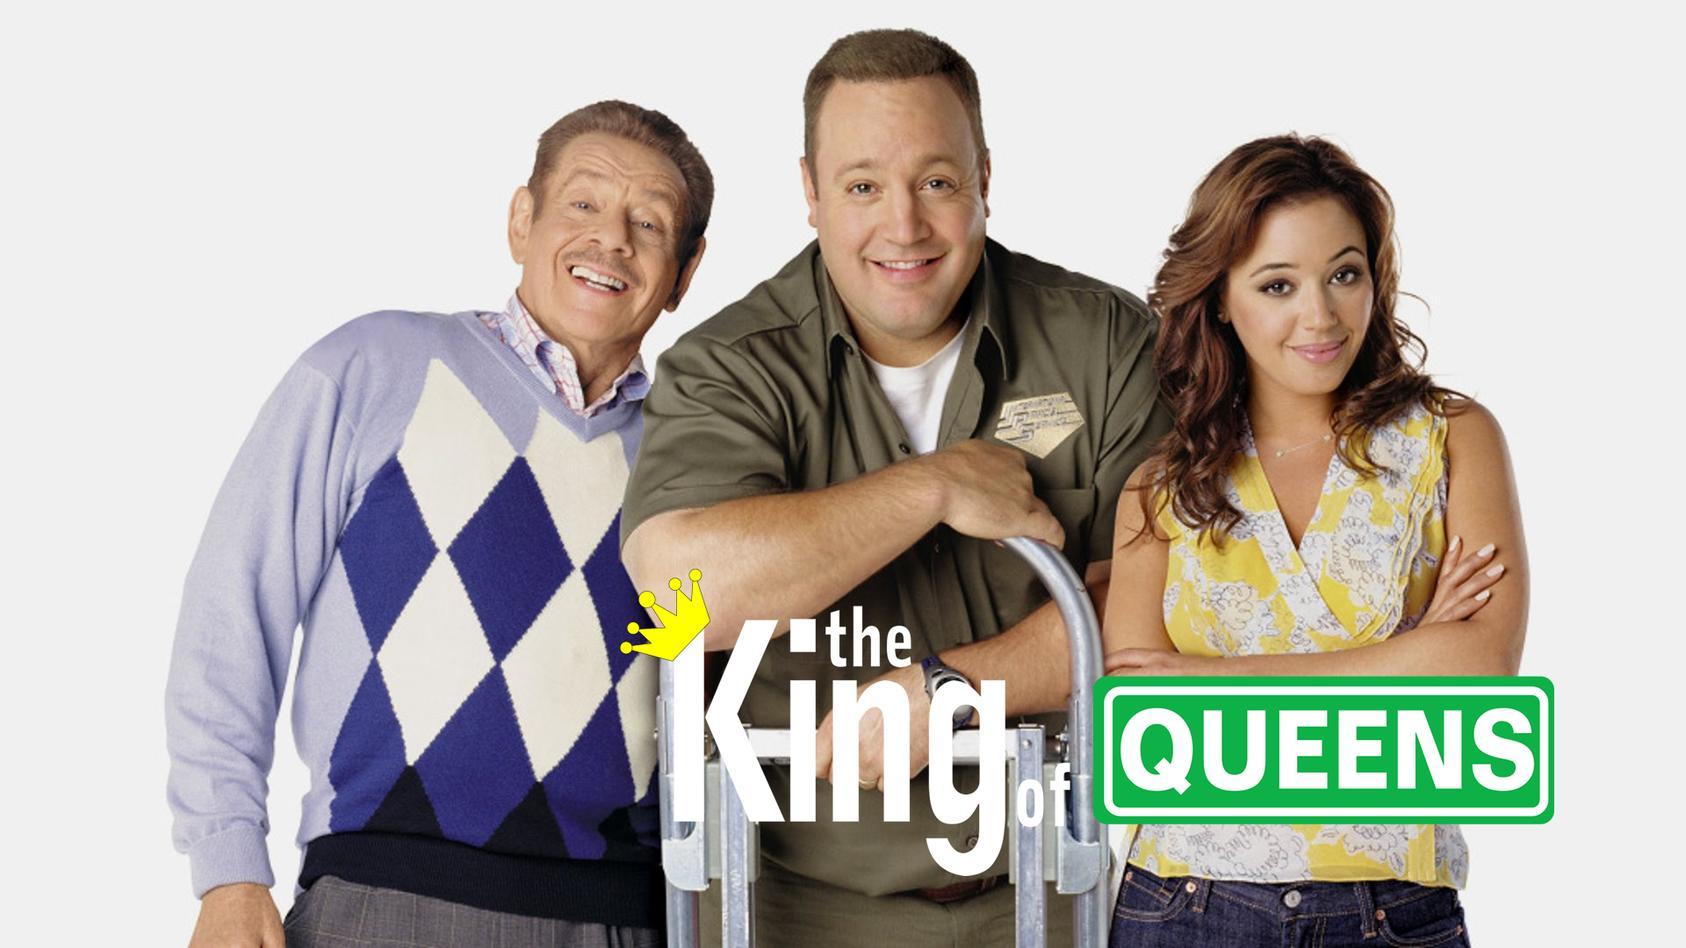 king-of-queens-die-kult-serie-aus-den-usa-fertig-zum-loslachen